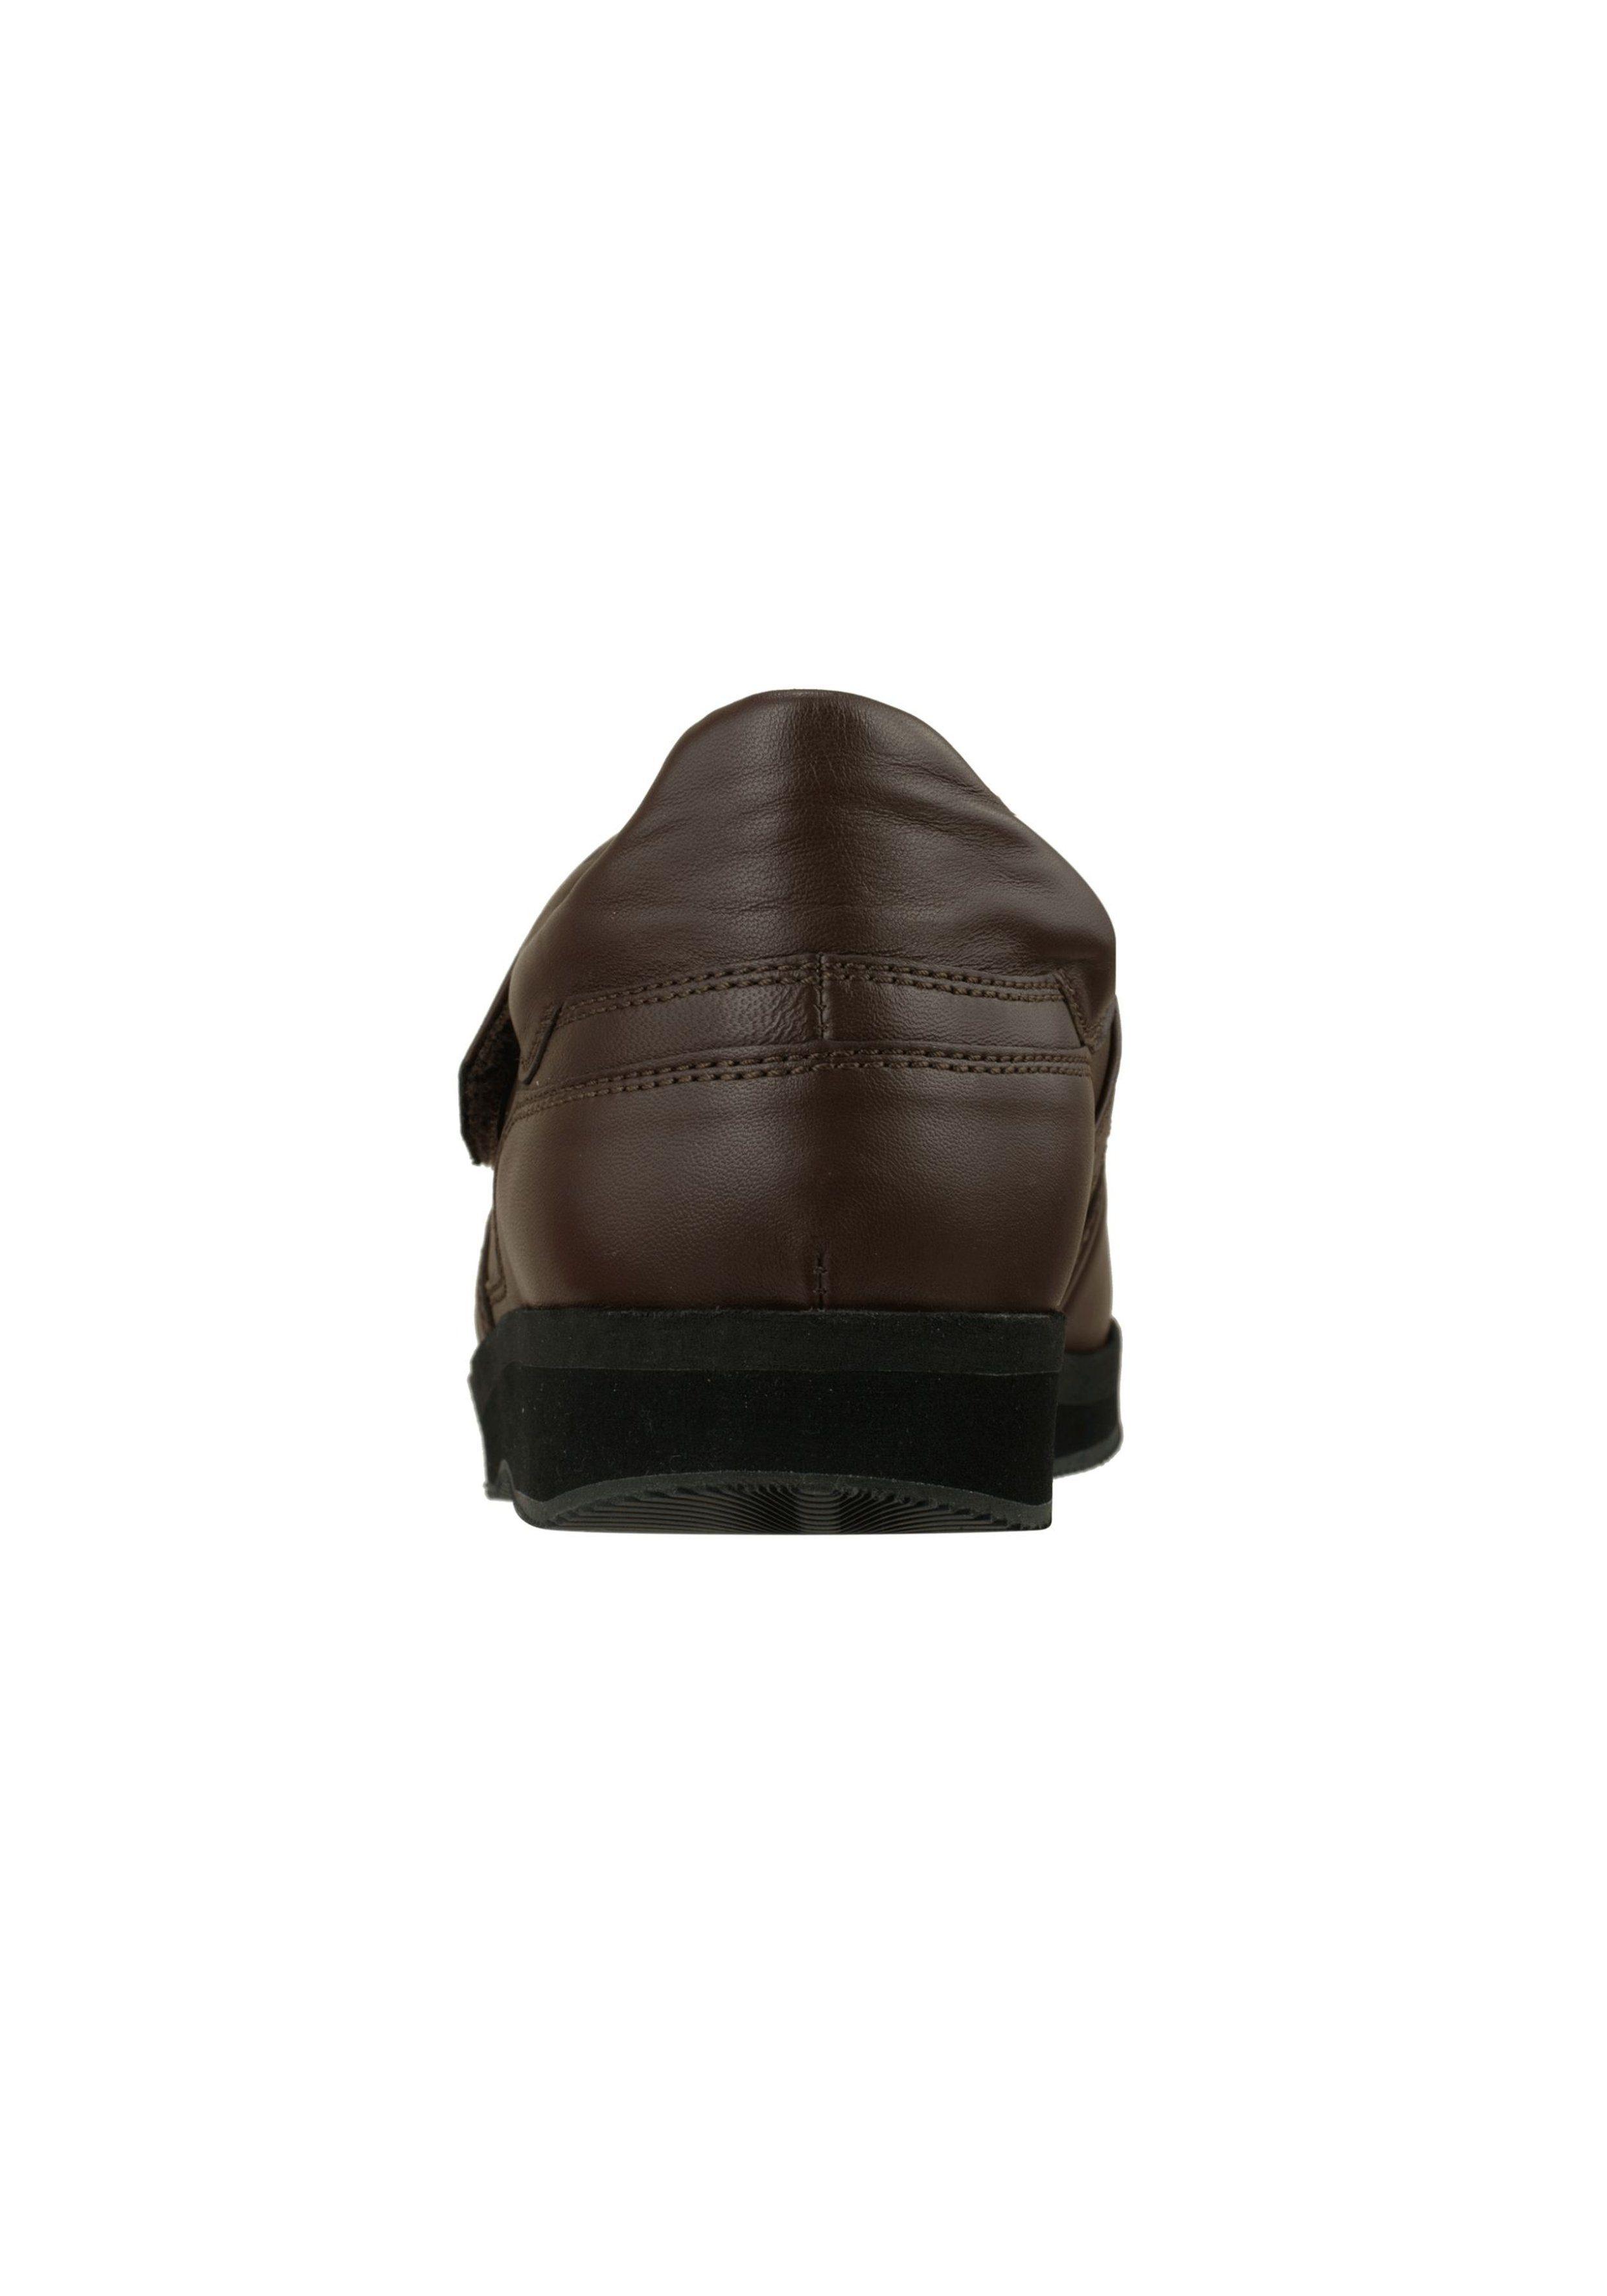 4cm Nr.21 Ledergürtel Rohling,Farbe dunkelbraun gesteppt